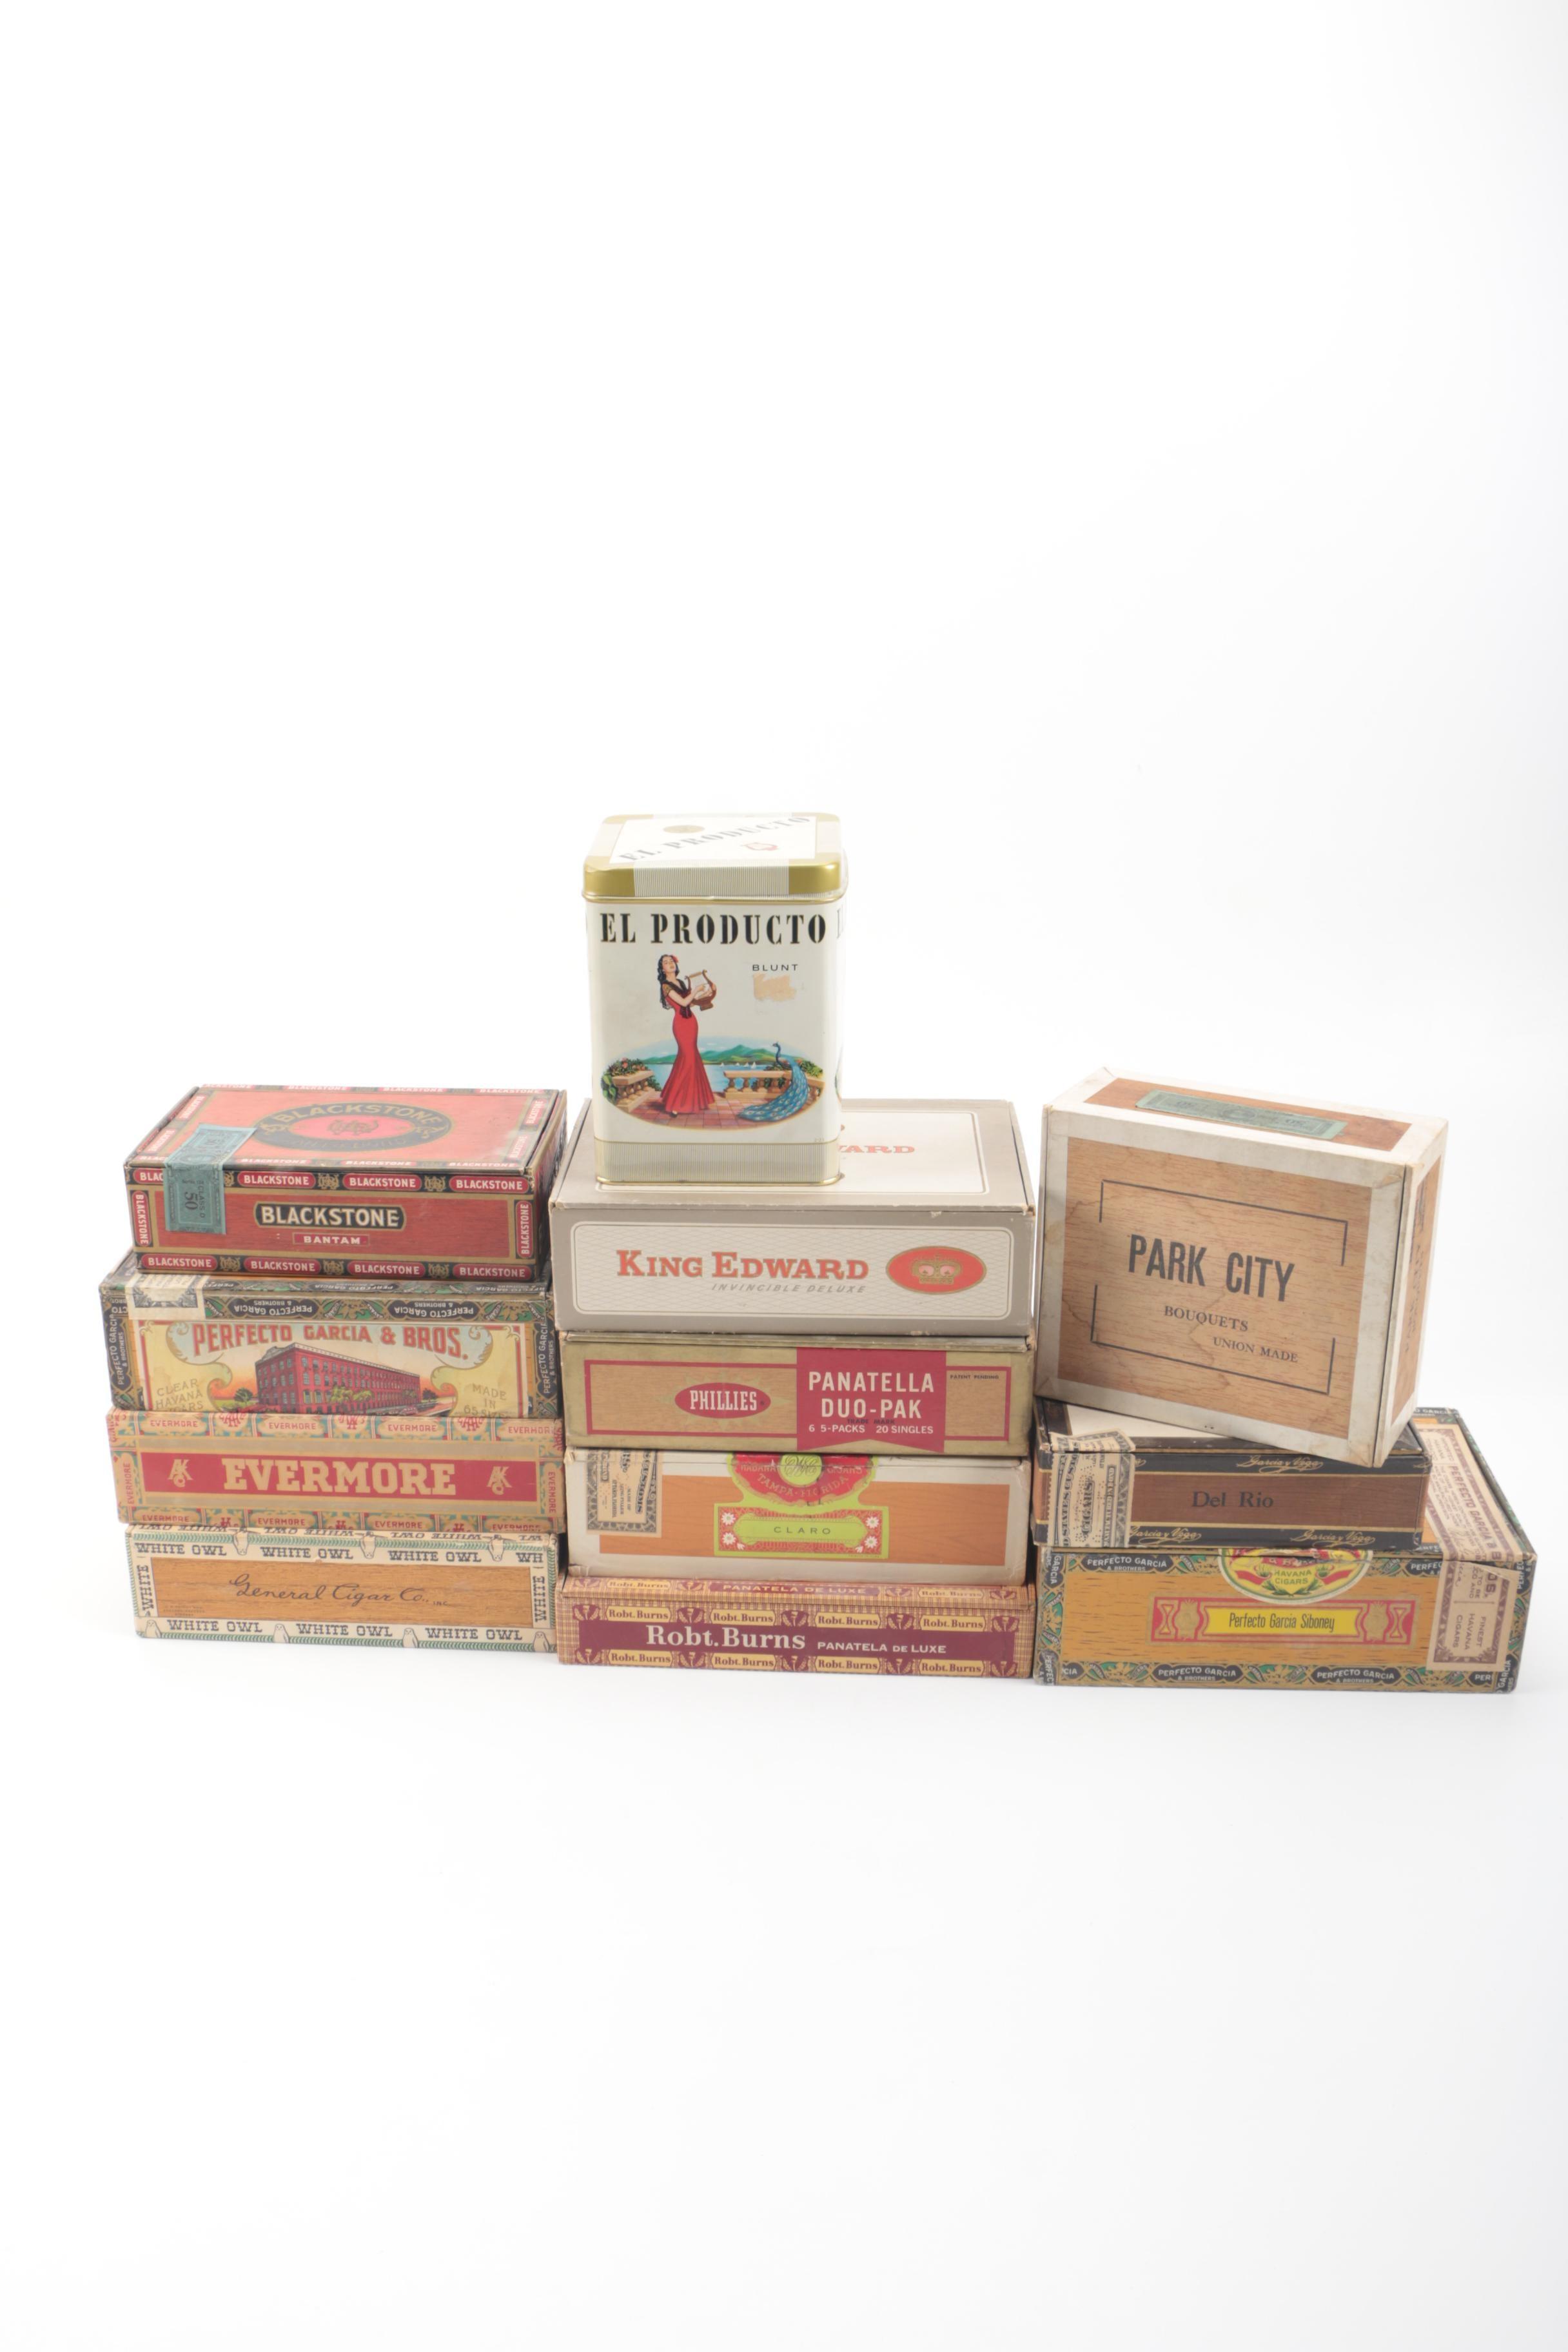 Cigar Boxes and Tins